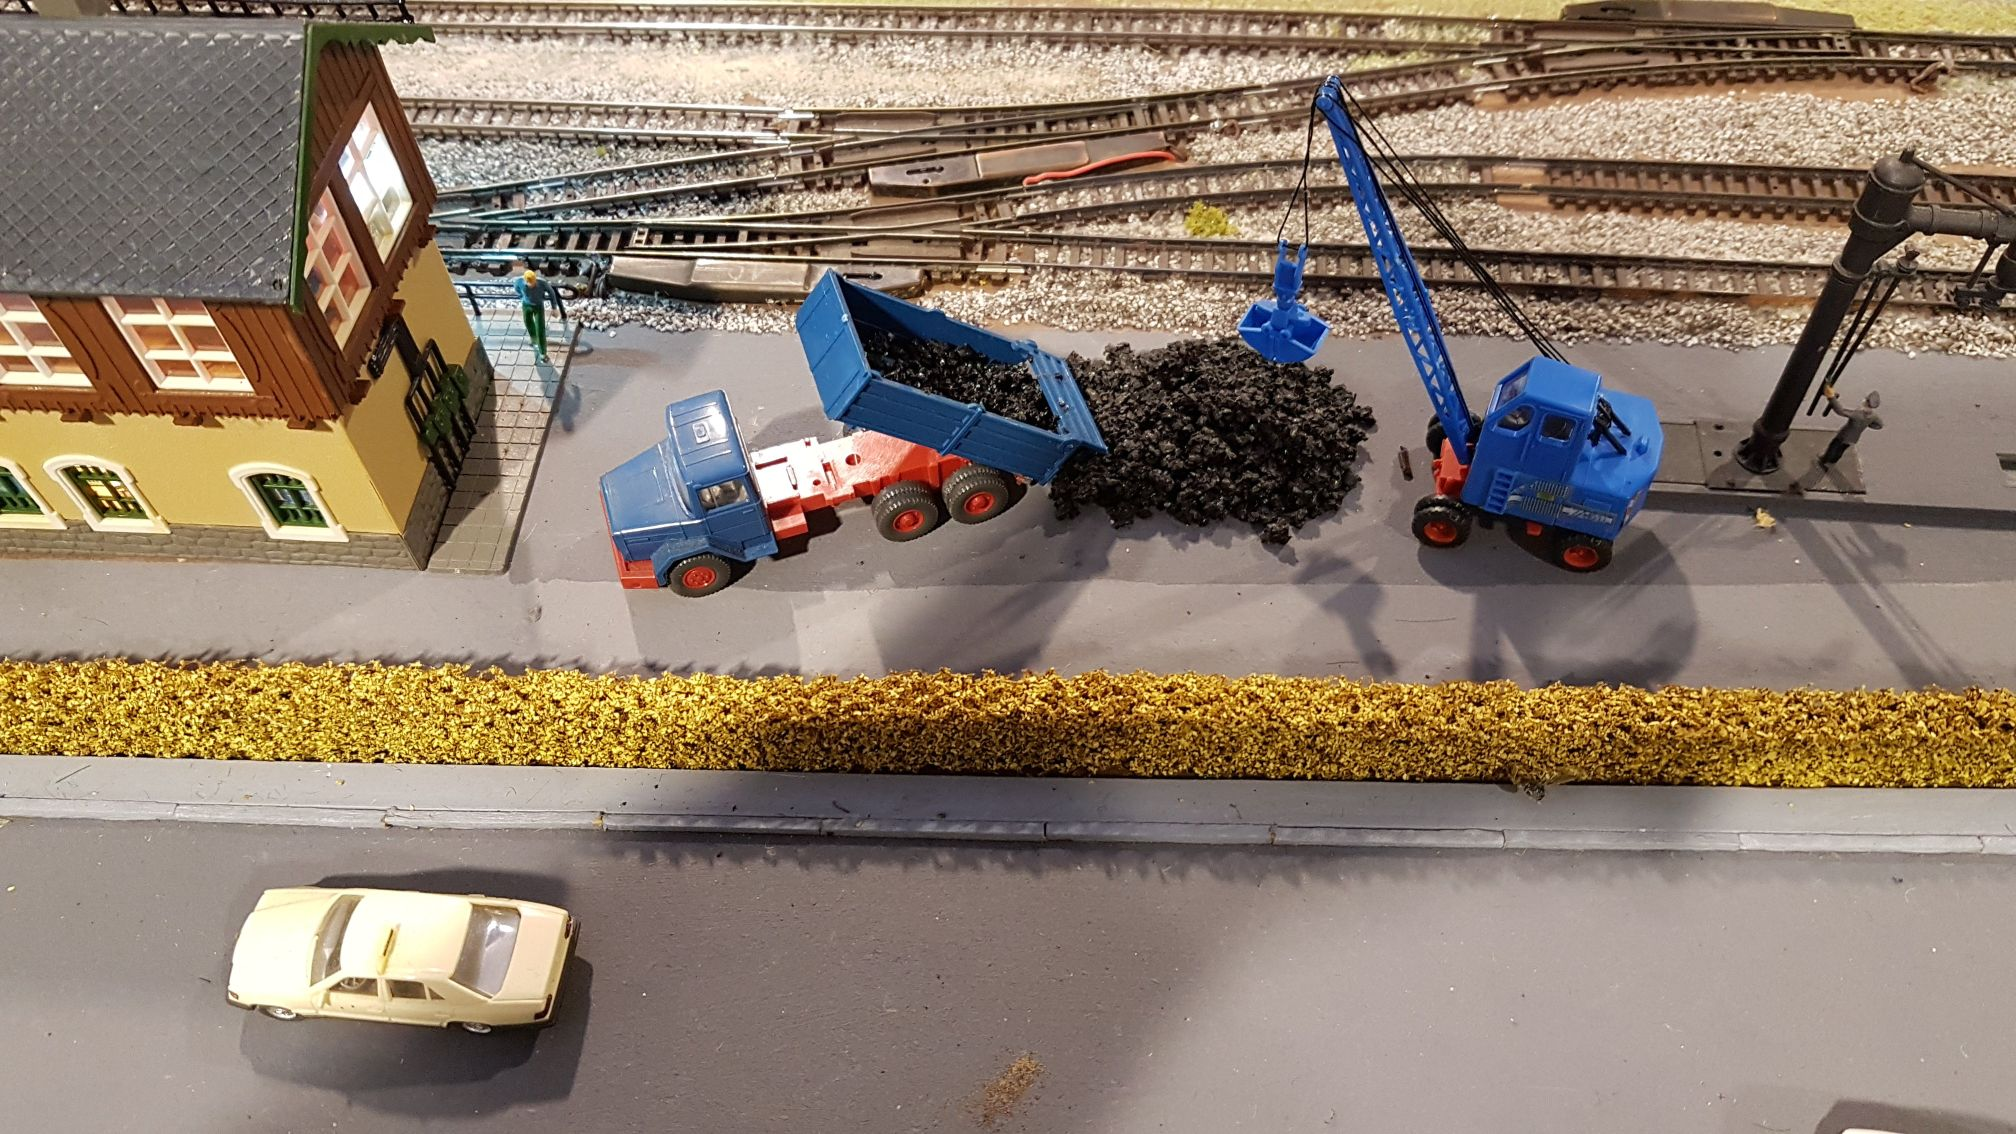 ein liebevolles Modelleisenbahn-Miniaturwunder erstreckt sich in der Ausstellung: Heinz und Florian Kleinod sind die begeisterten Schöpfer und geben ihre Kenntnisse gern weiter